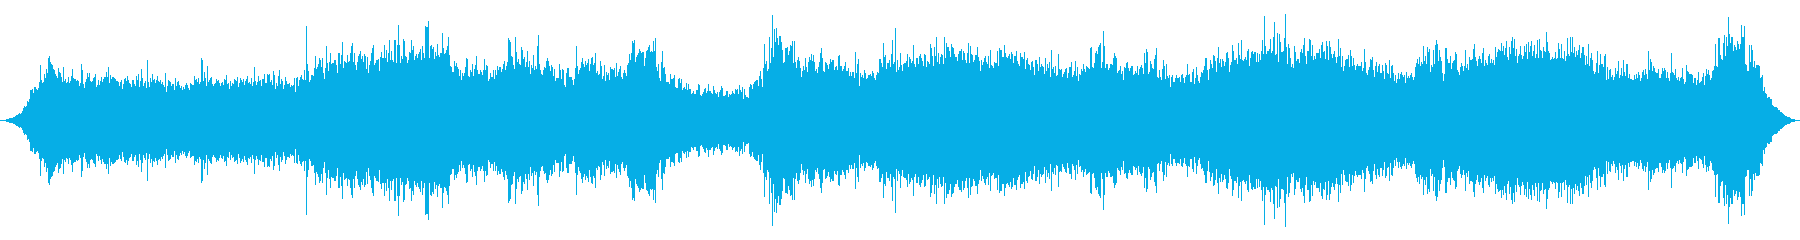 海洋:岩の上に波が来る、波、Ro音...の再生済みの波形